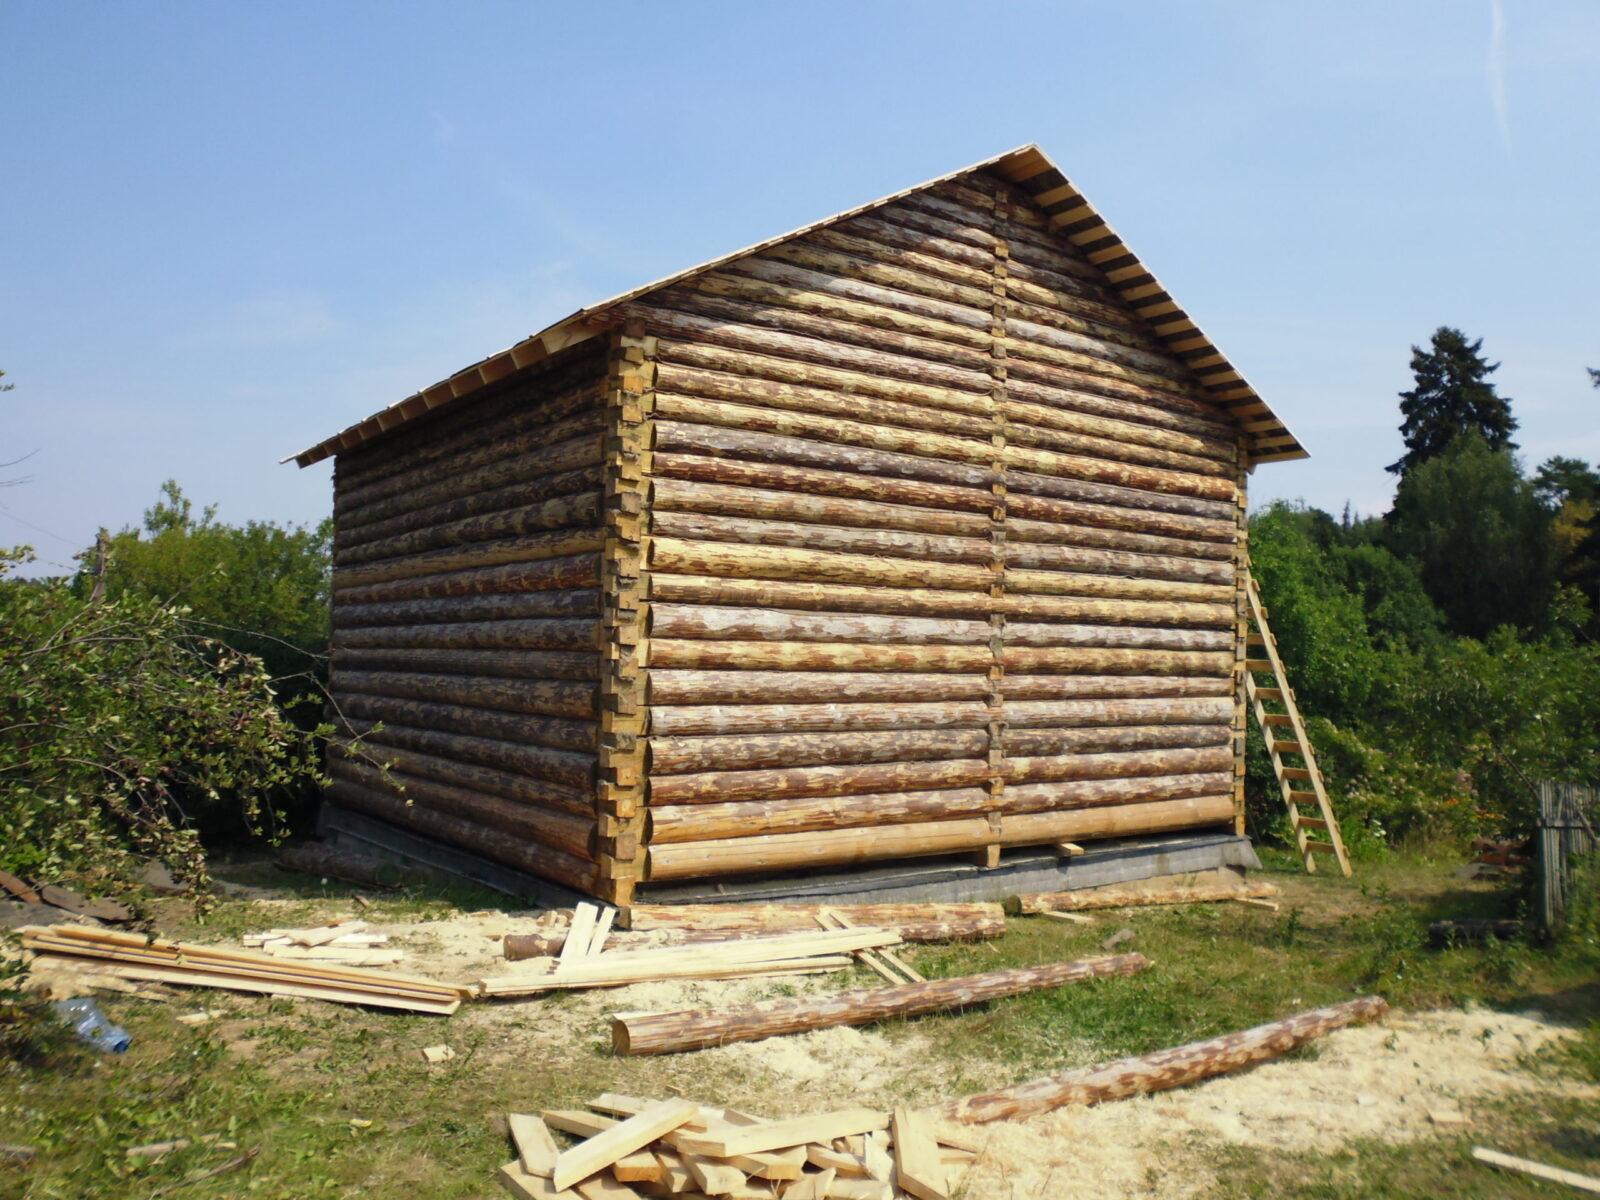 деревянный дом 9*12 метра в лапу, установленный в Клину